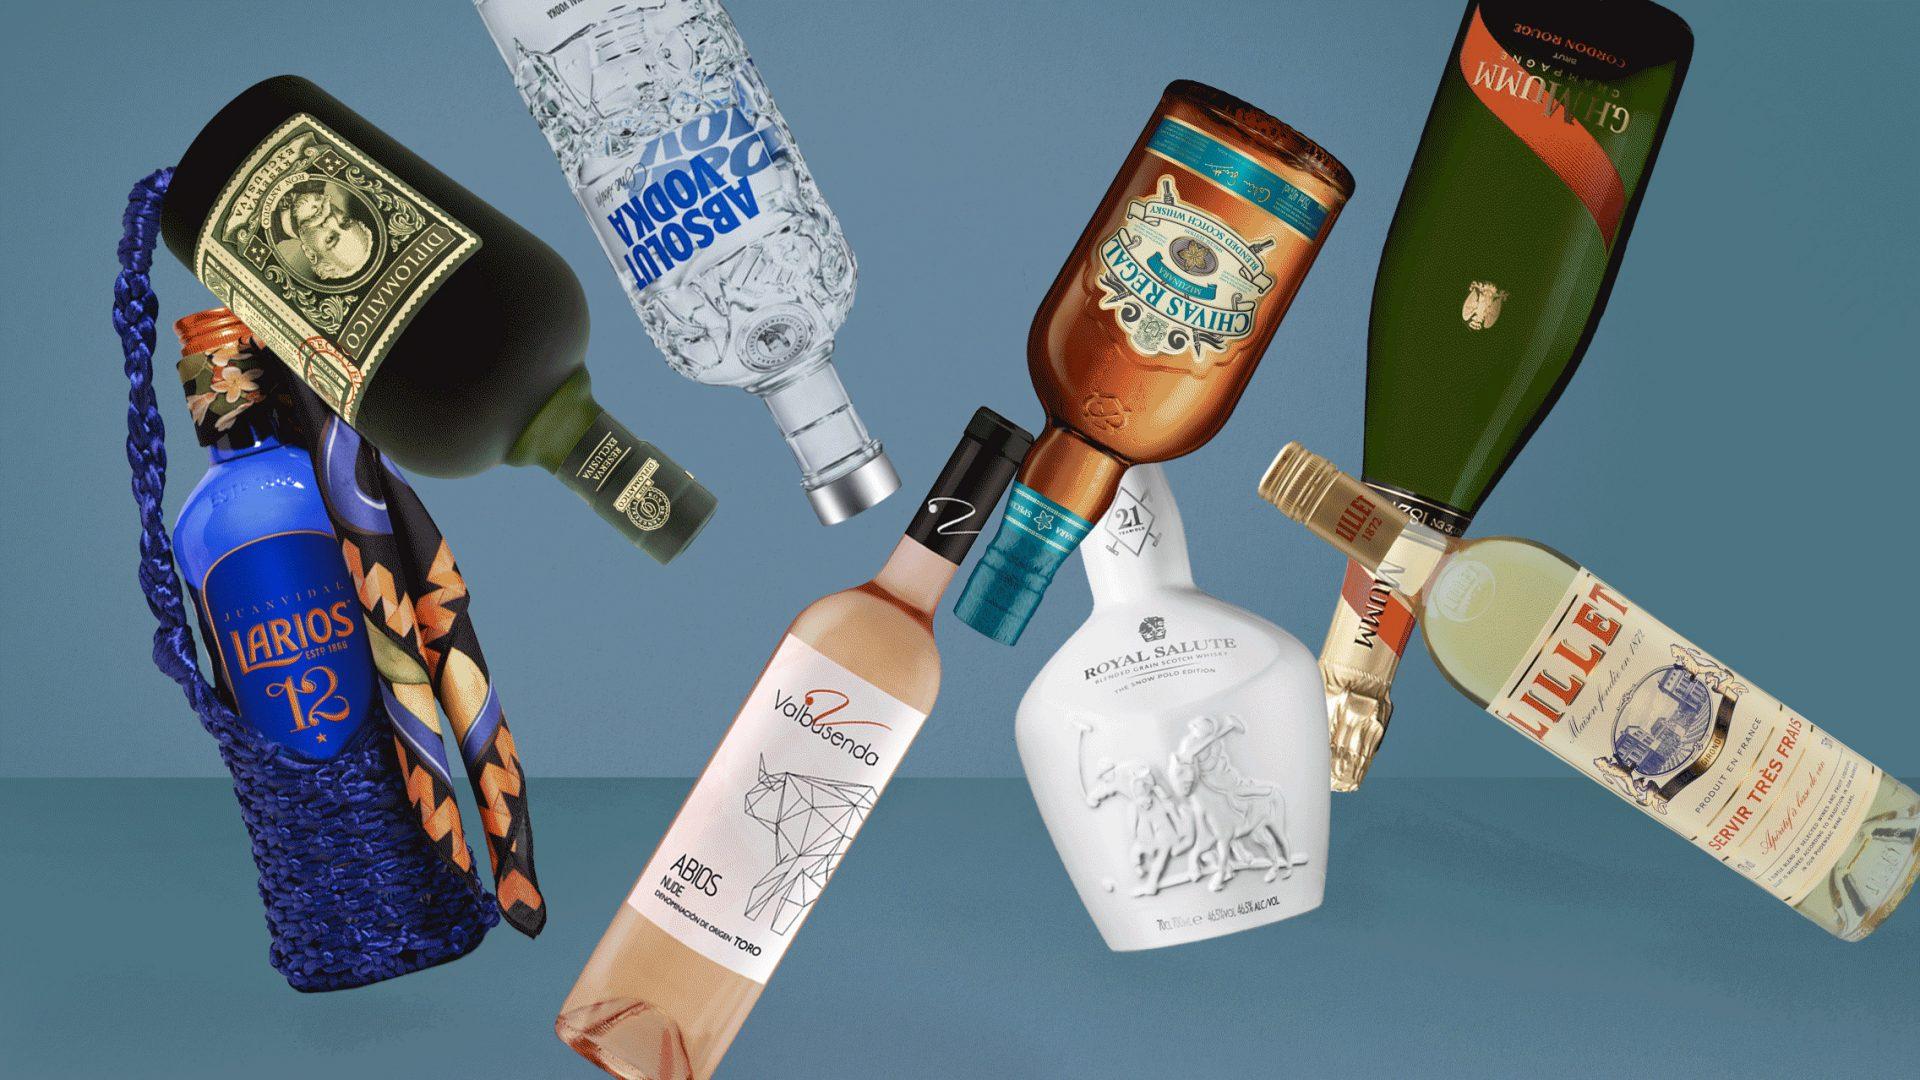 botellas_2019_revista_mine_destacada